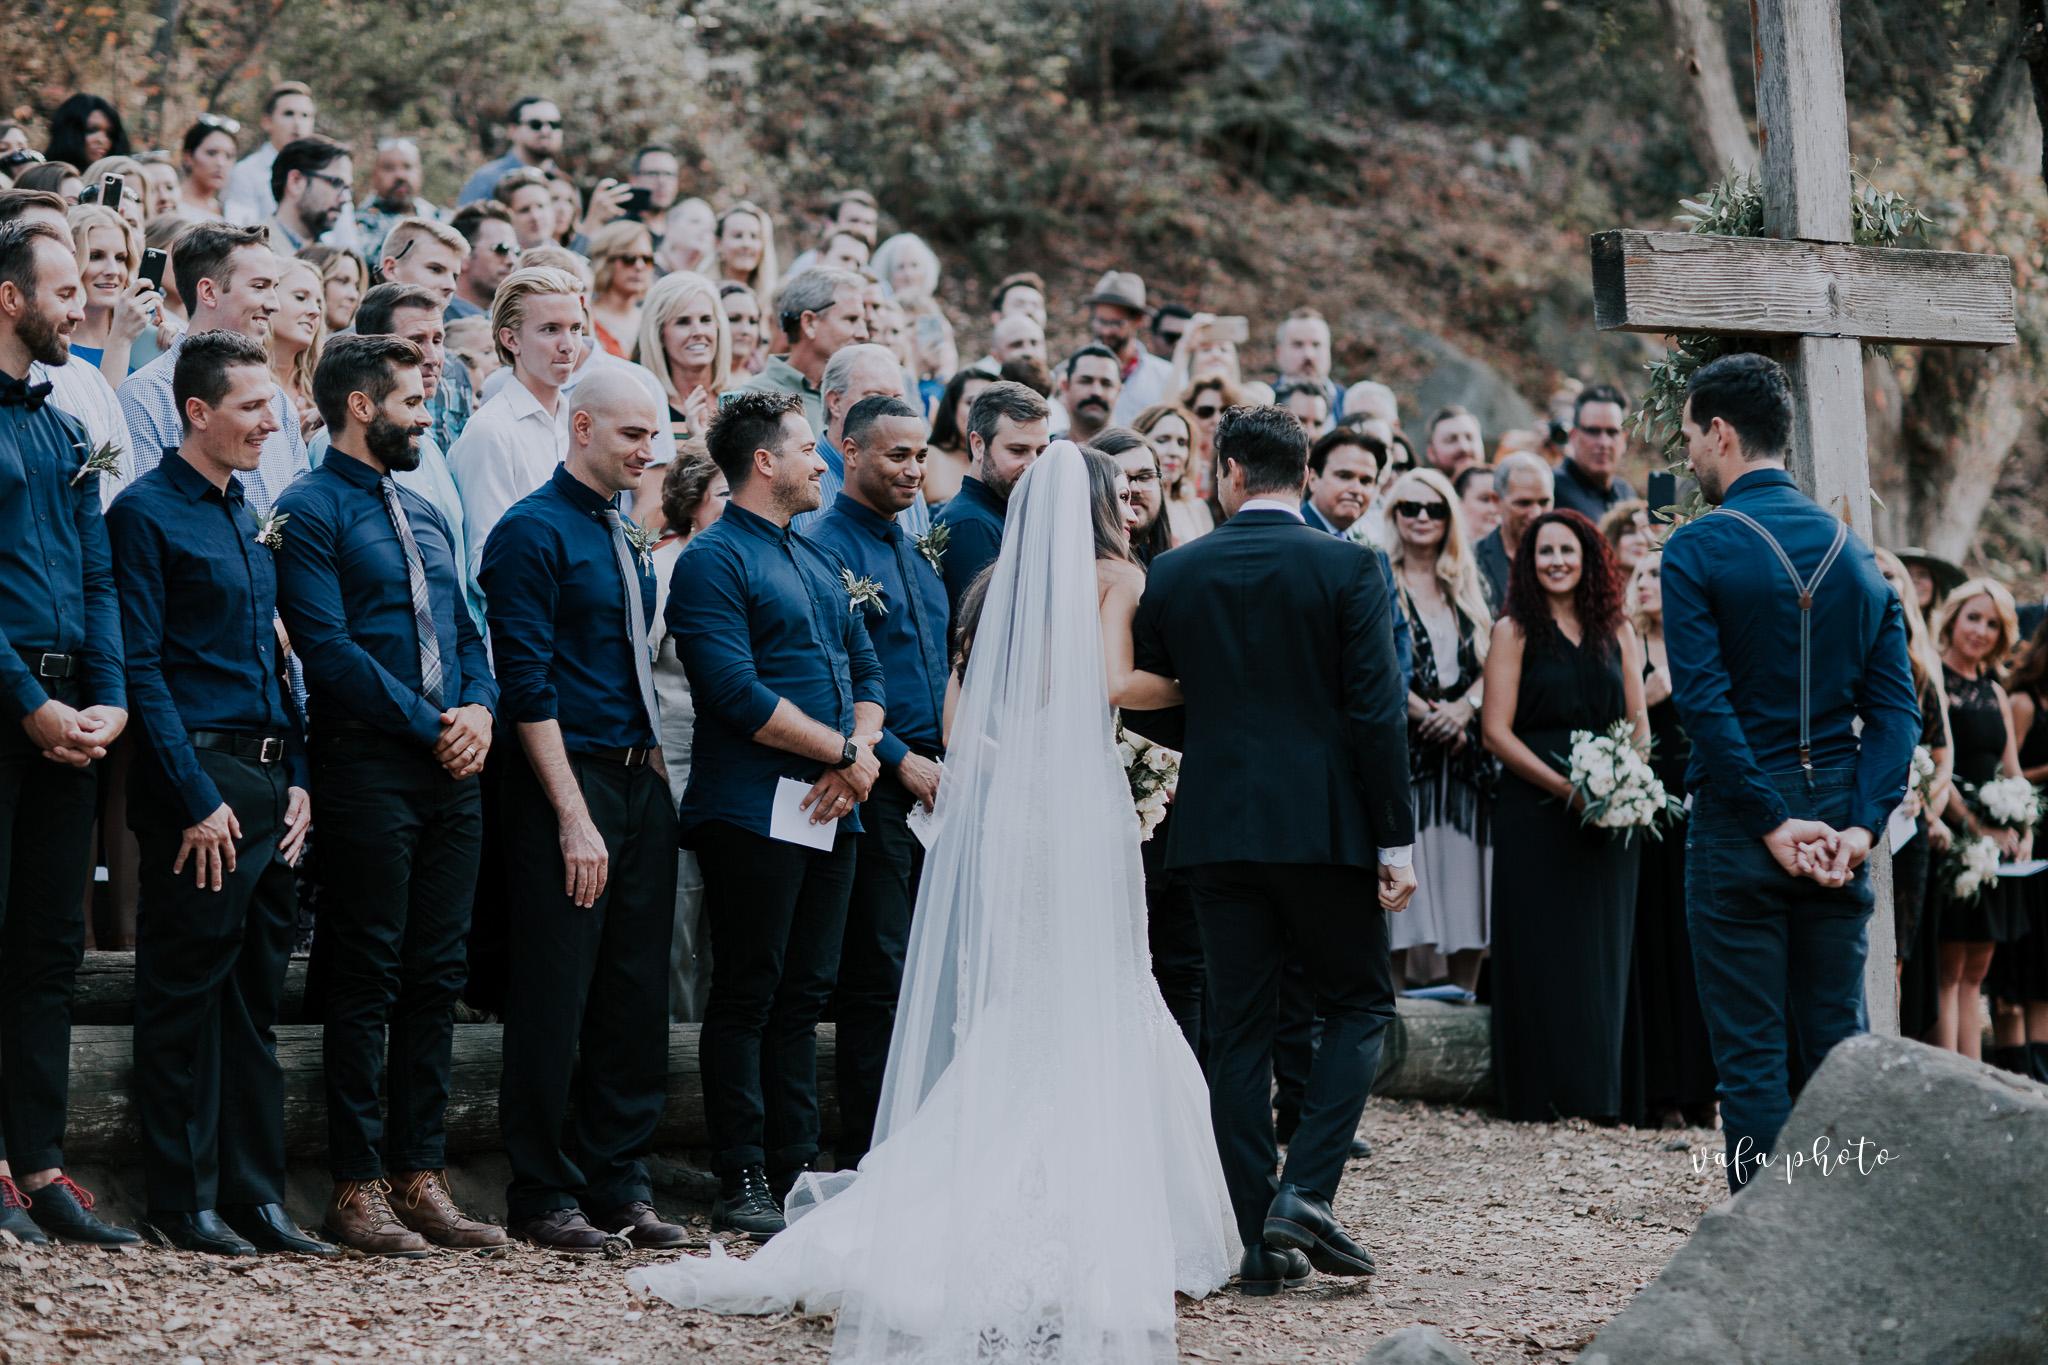 Southern-California-Wedding-Britt-Nilsson-Jeremy-Byrne-Vafa-Photo-411.jpg